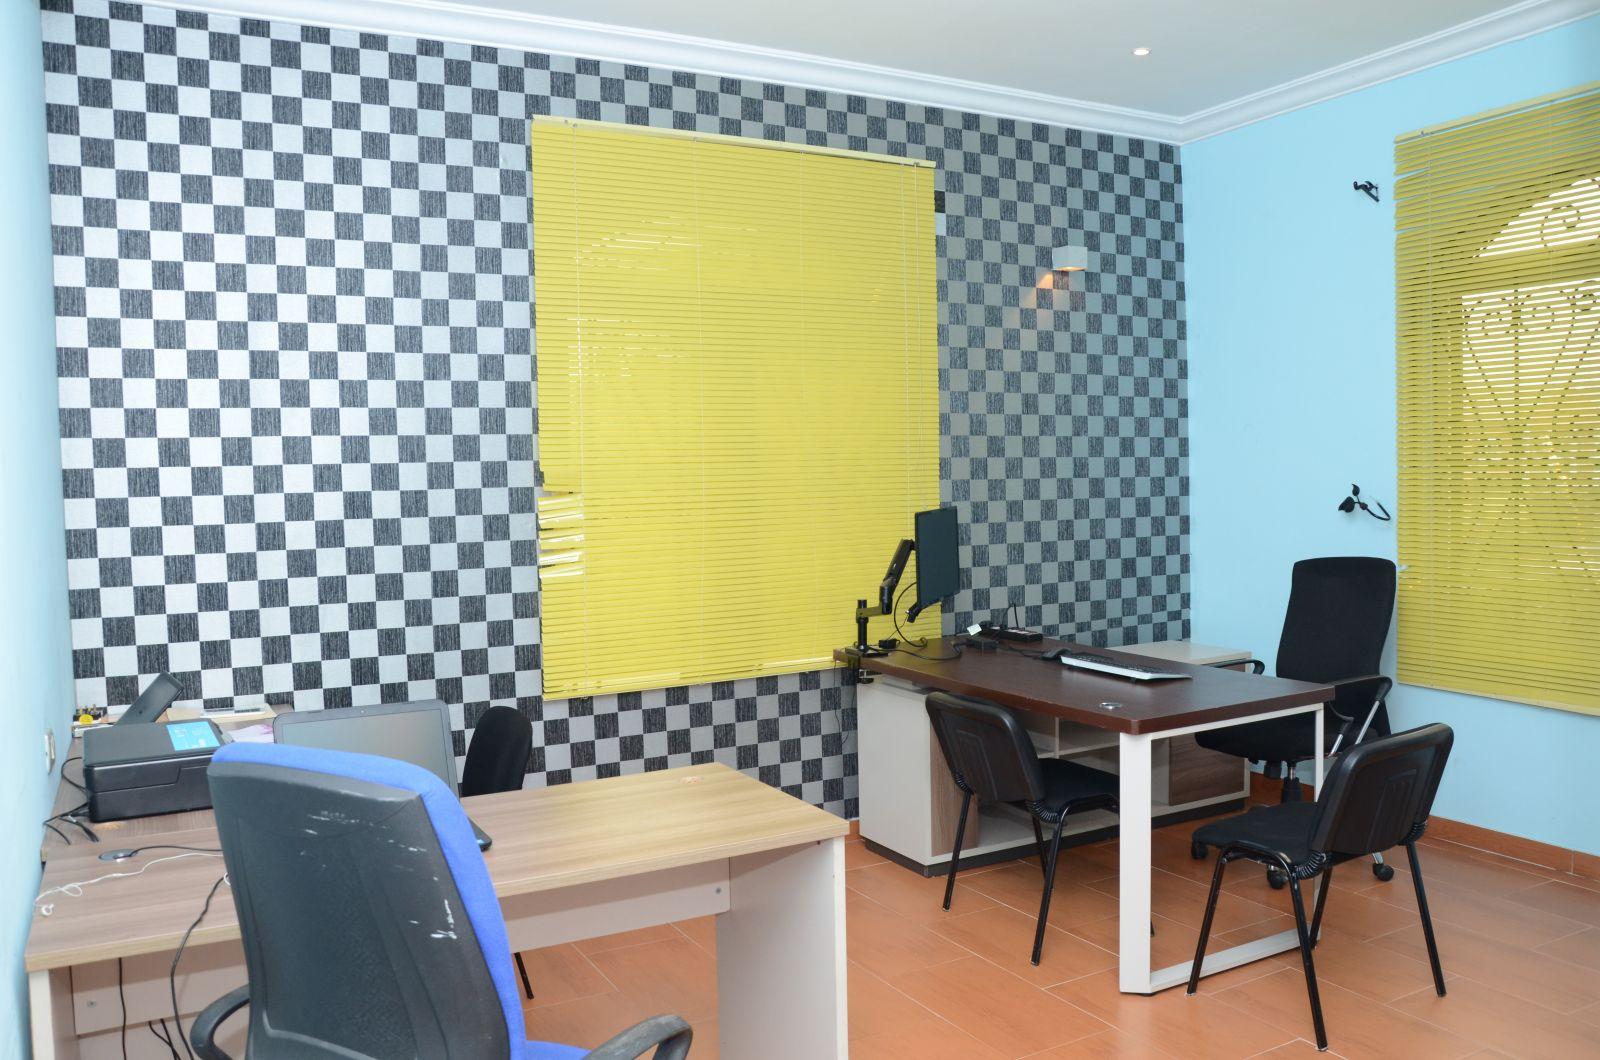 Innovation Centre Lekki, Lagos